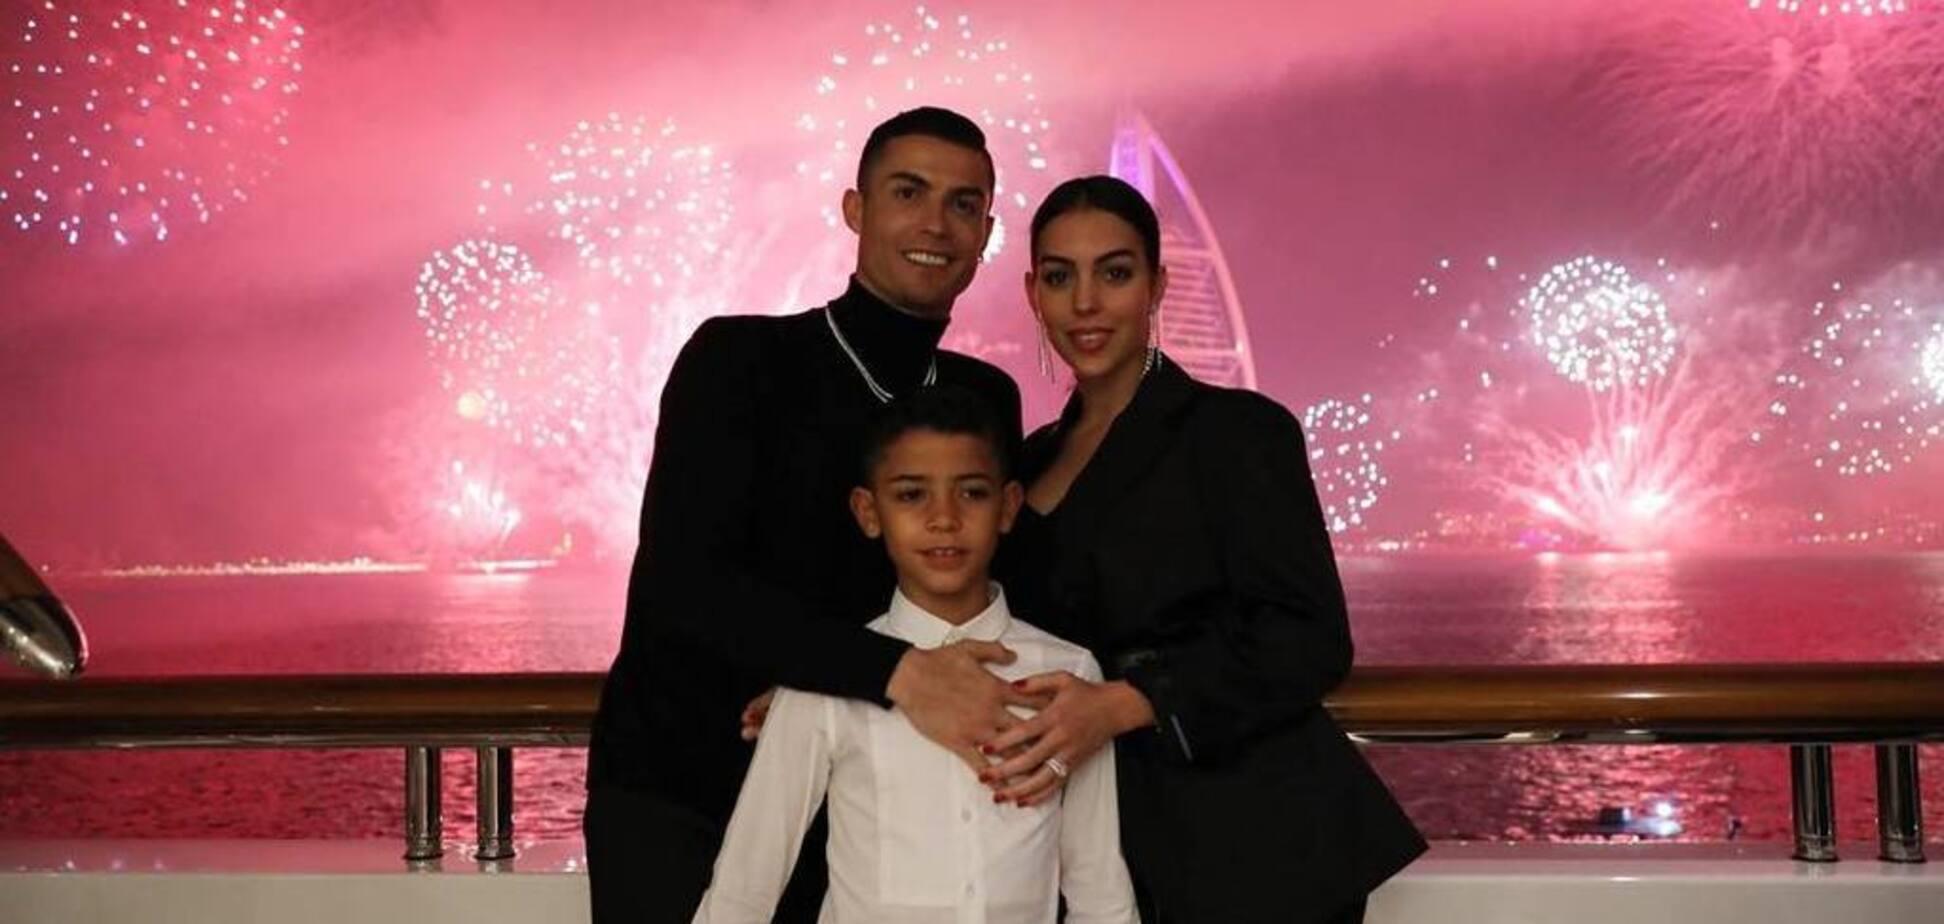 Раздетые Роналду с невестой собрали 10 млн лайков за сутки — опубликовано фото